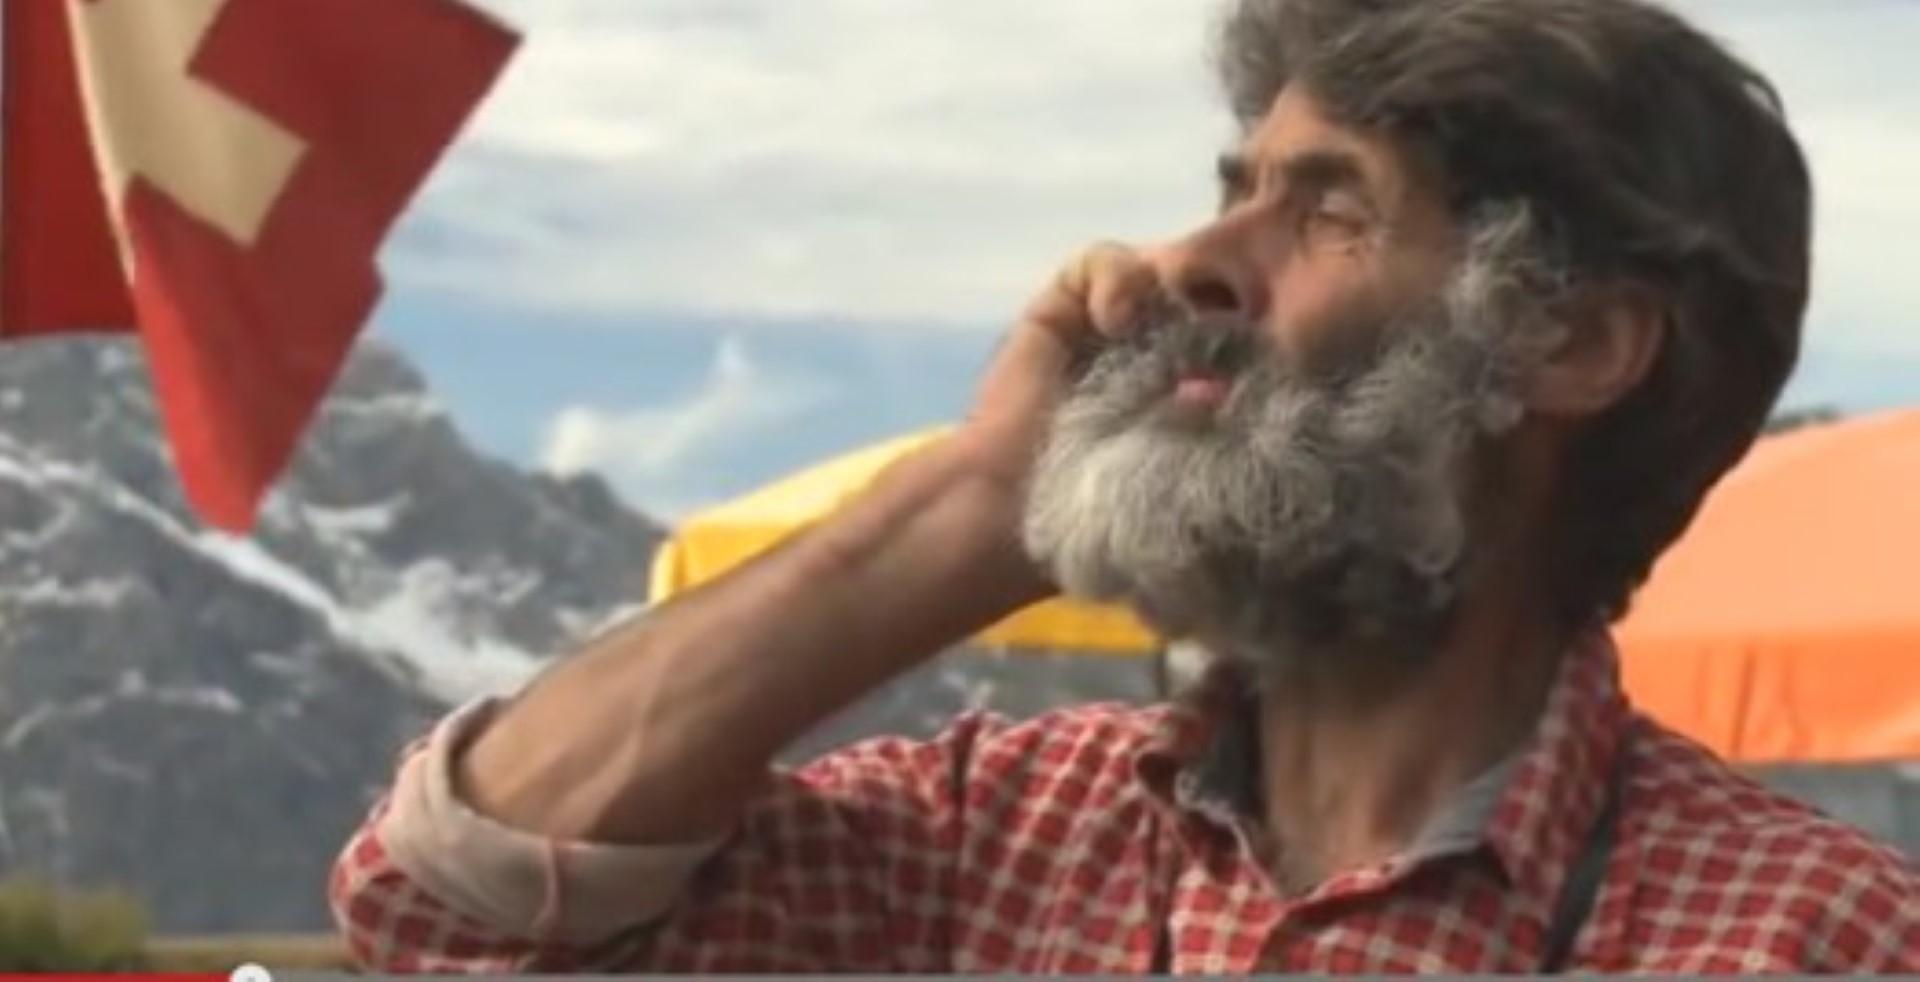 Schweizer putzen sogar die Berge